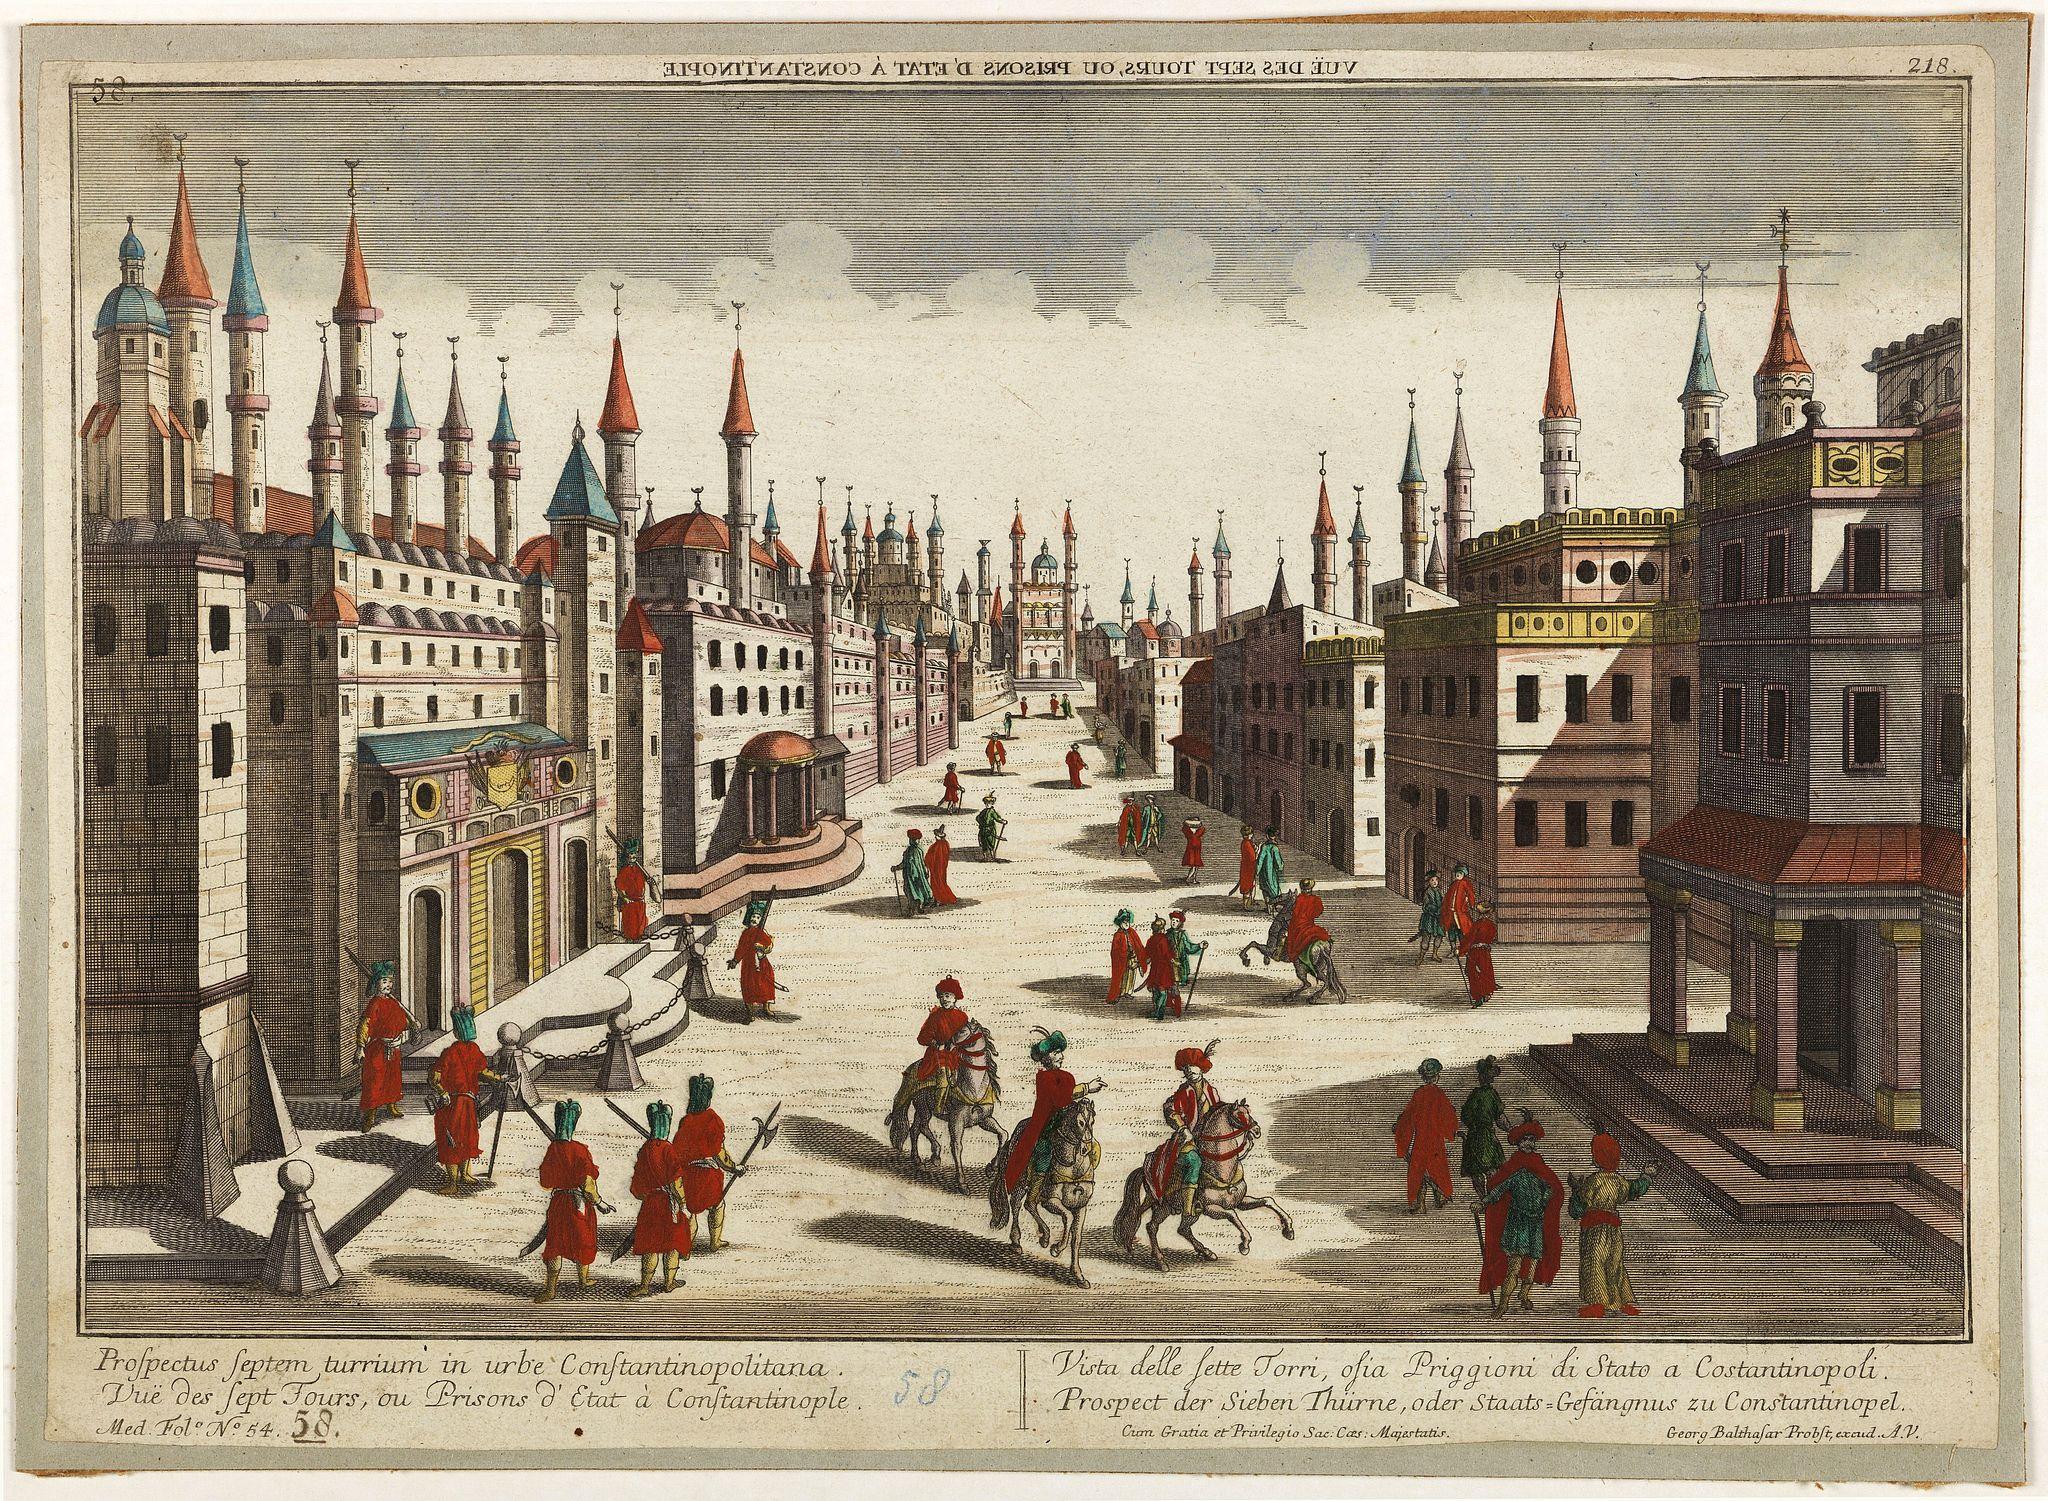 PROBST, G.B. -  Prospectus septem turrium in urbe Constantinopolitana / Vüe des sept Tours ou Prisons d'etat à Constantinople. . .